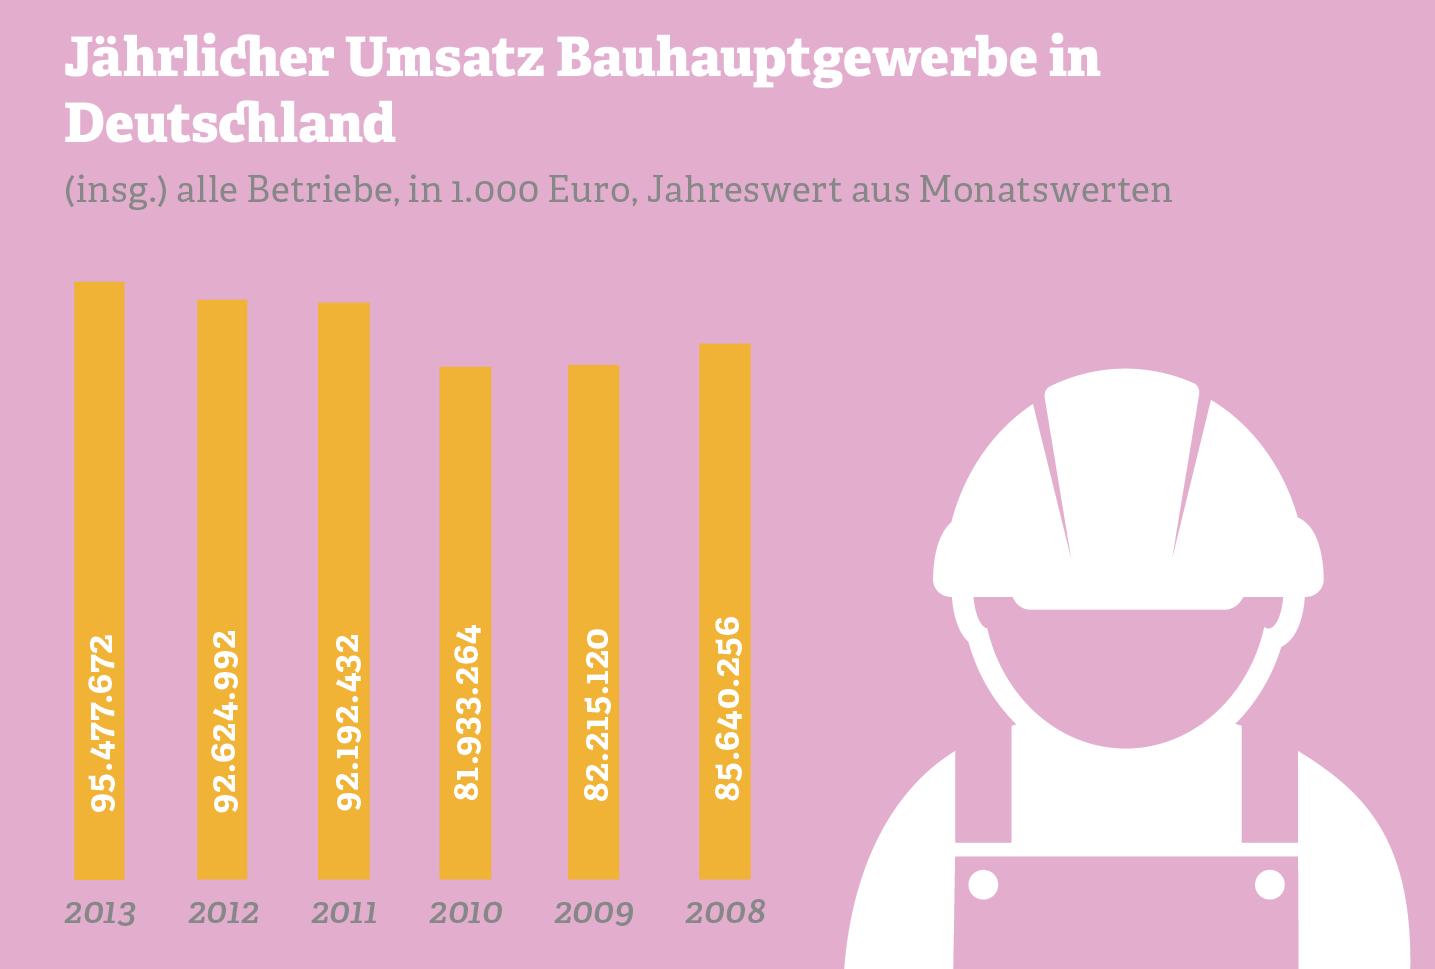 Grafik: Jährlicher Umsatz im Bauhauptgewerbe in Deutschland